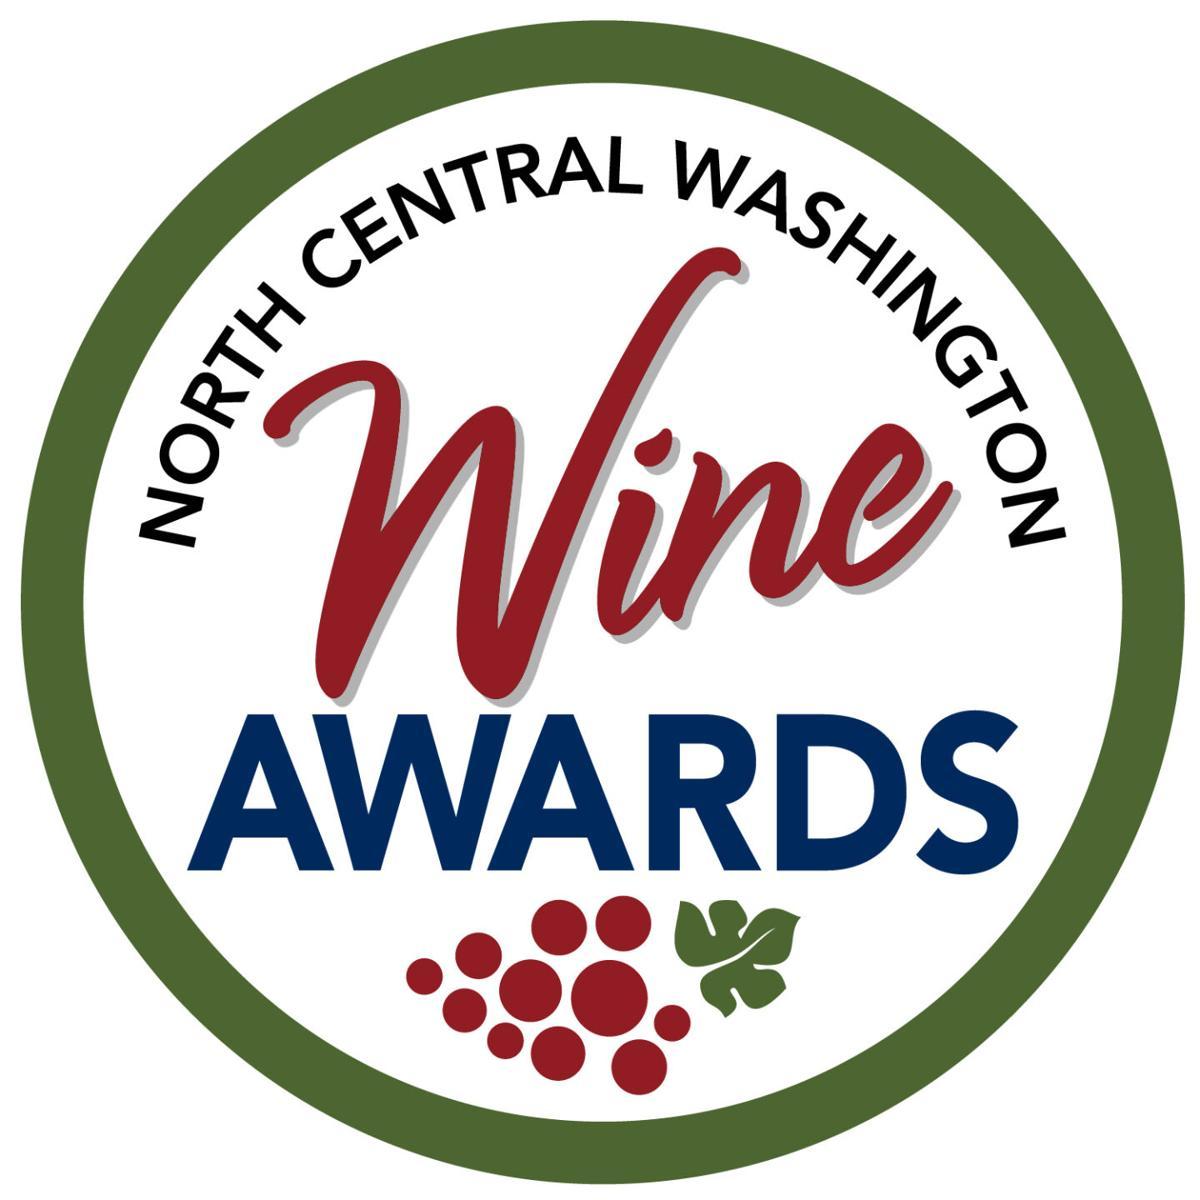 NCW Wine Awards